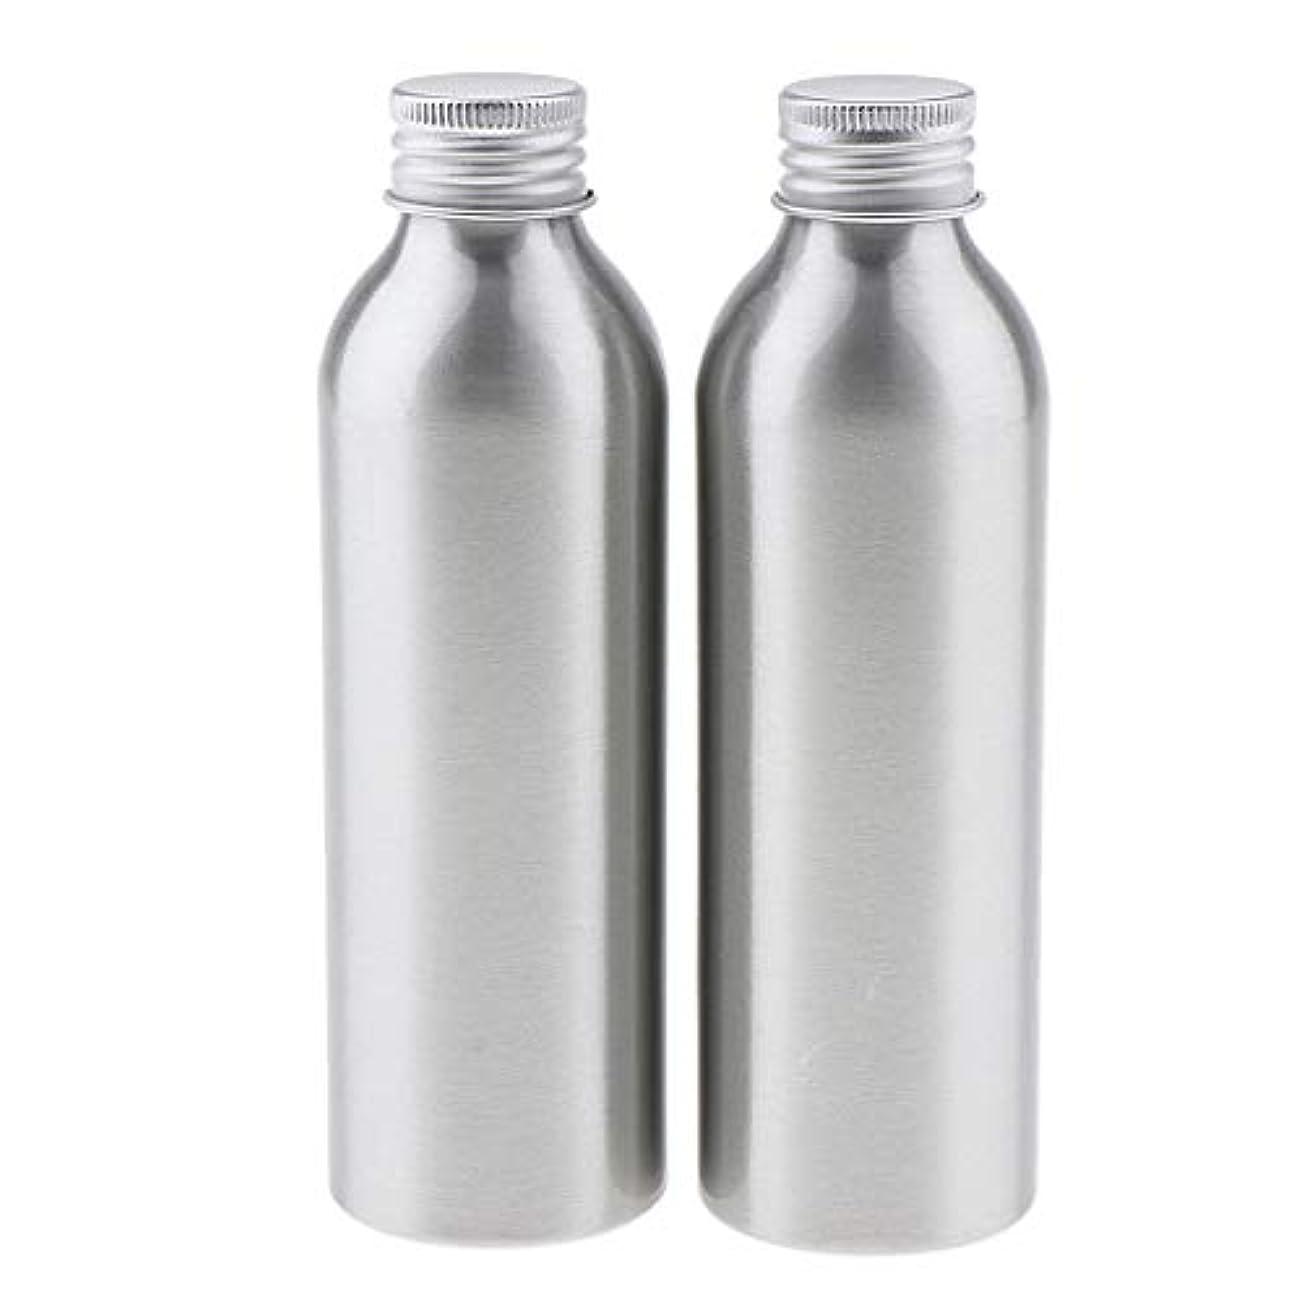 背骨霧してはいけない2本 アルミボトル 空容器 化粧品収納容器 ディスペンサーボトル シルバー 全5サイズ - 150ml